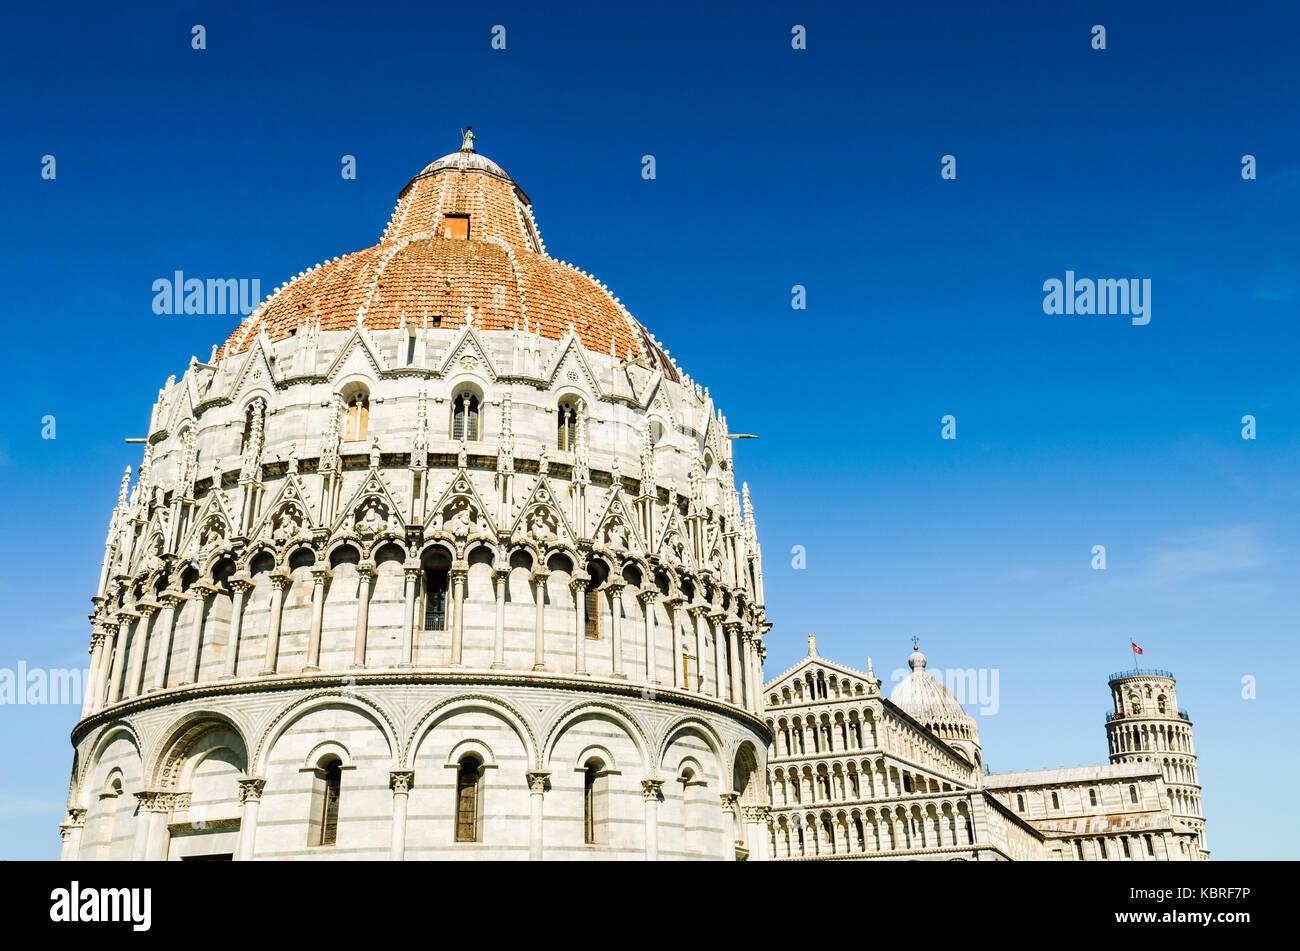 Pisa Italia La Silueta De La Torre Inclinada La Catedral Y El